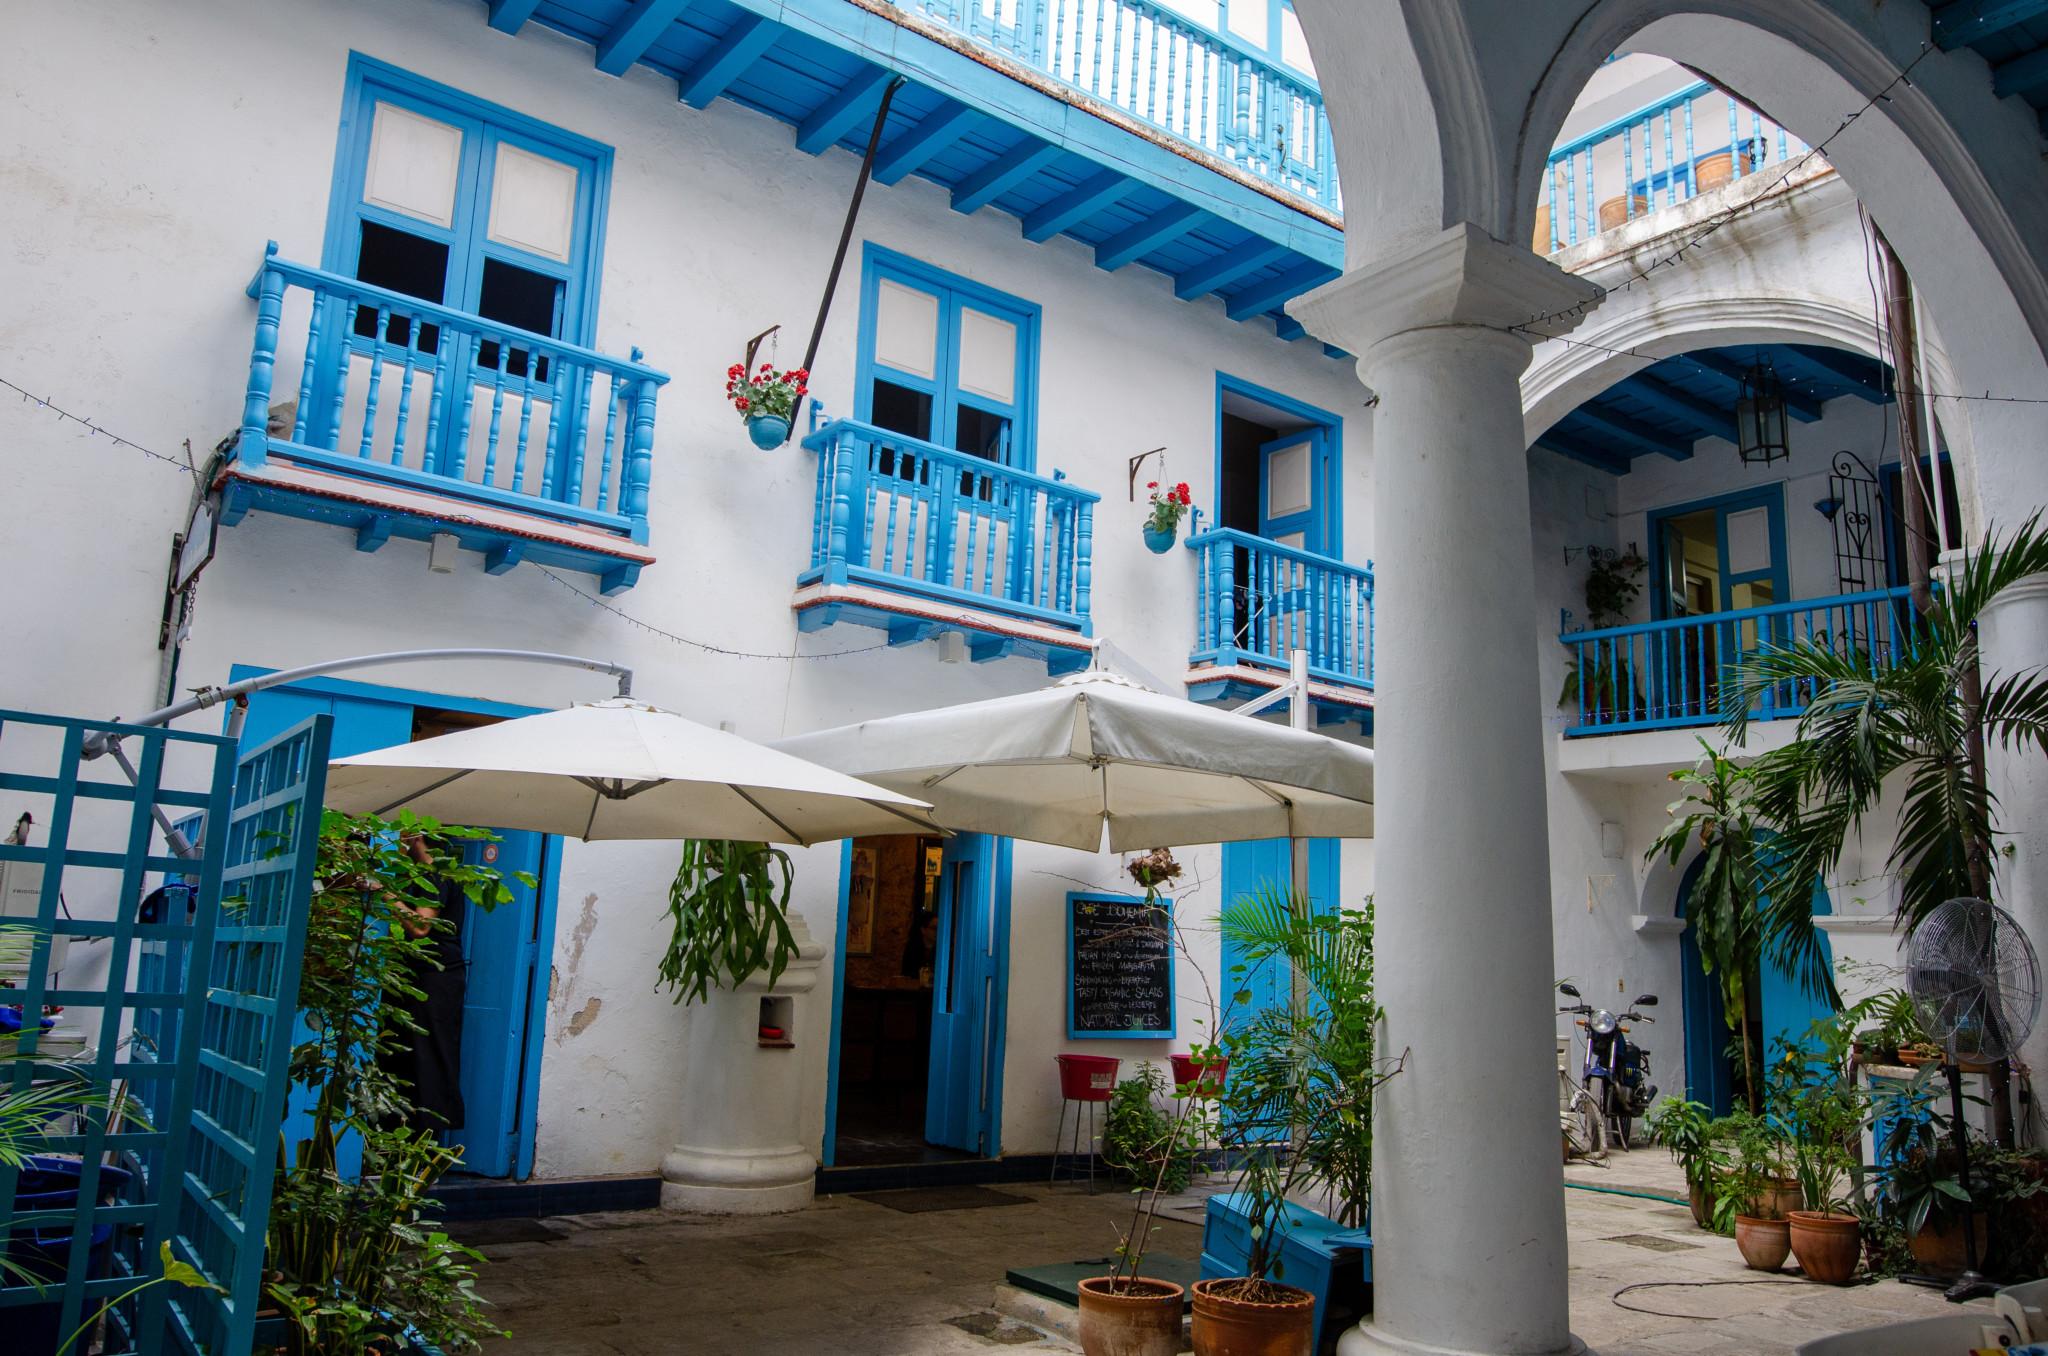 Innenhof vom Restaurant in Habana Vieja